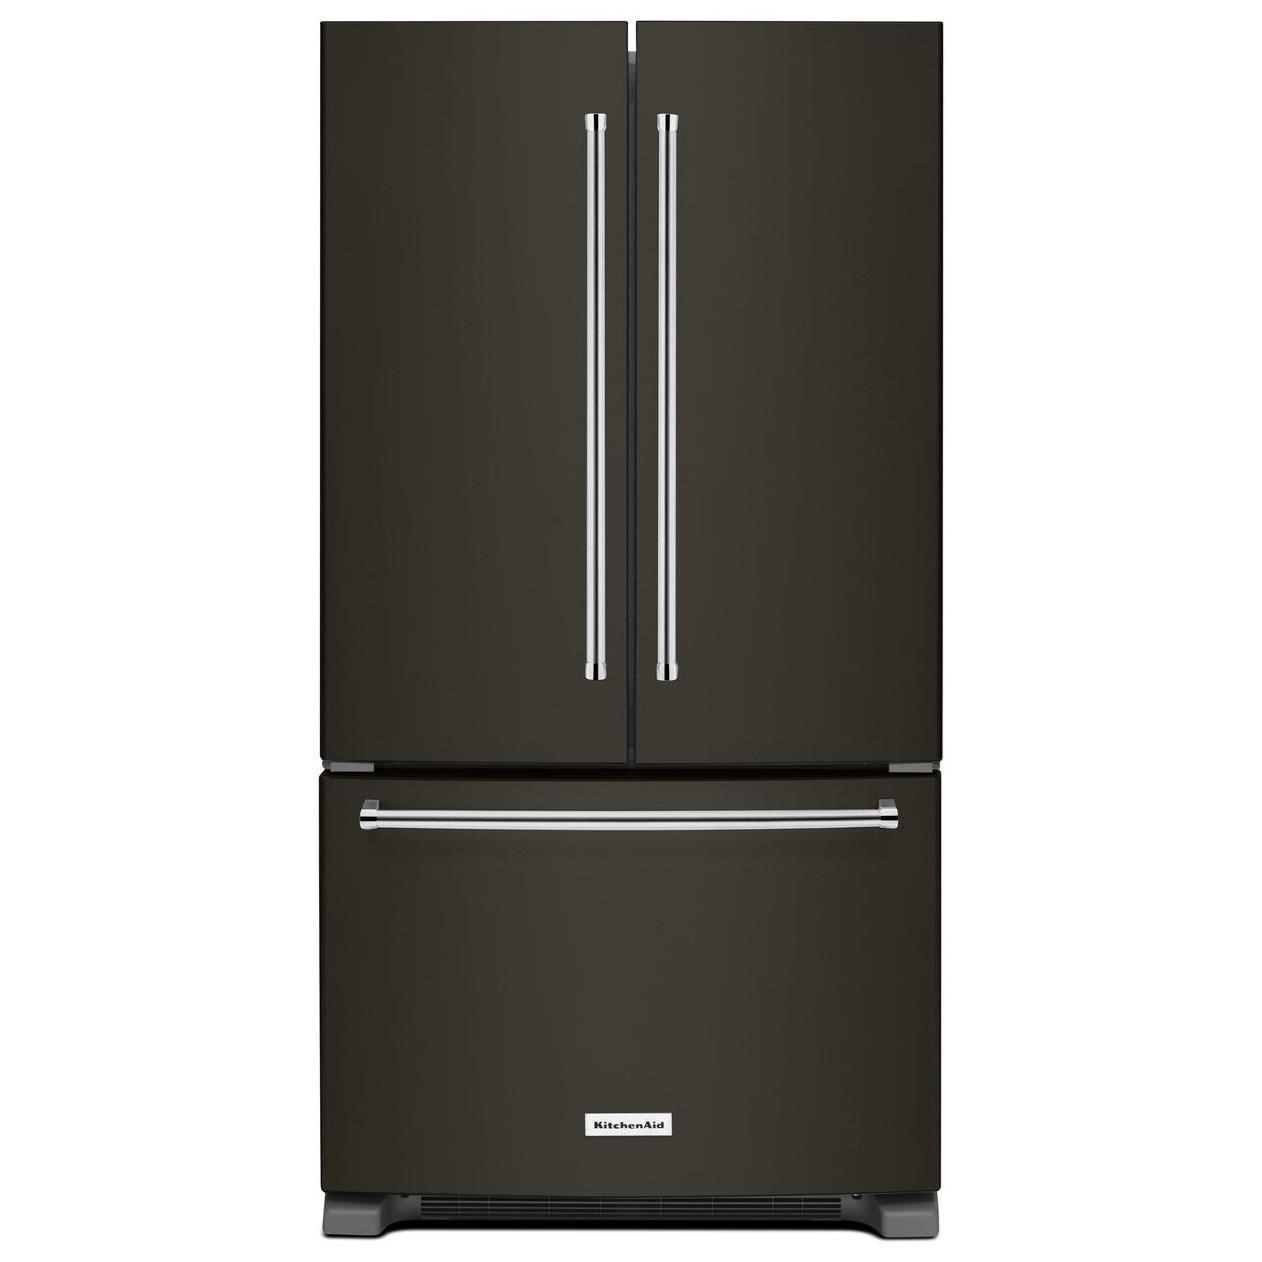 """KitchenAid KitchenAid French Door Refrigerators 25 Cu. Ft. 36"""" French Door Refrigerator - Item Number: KRFF305EBS"""